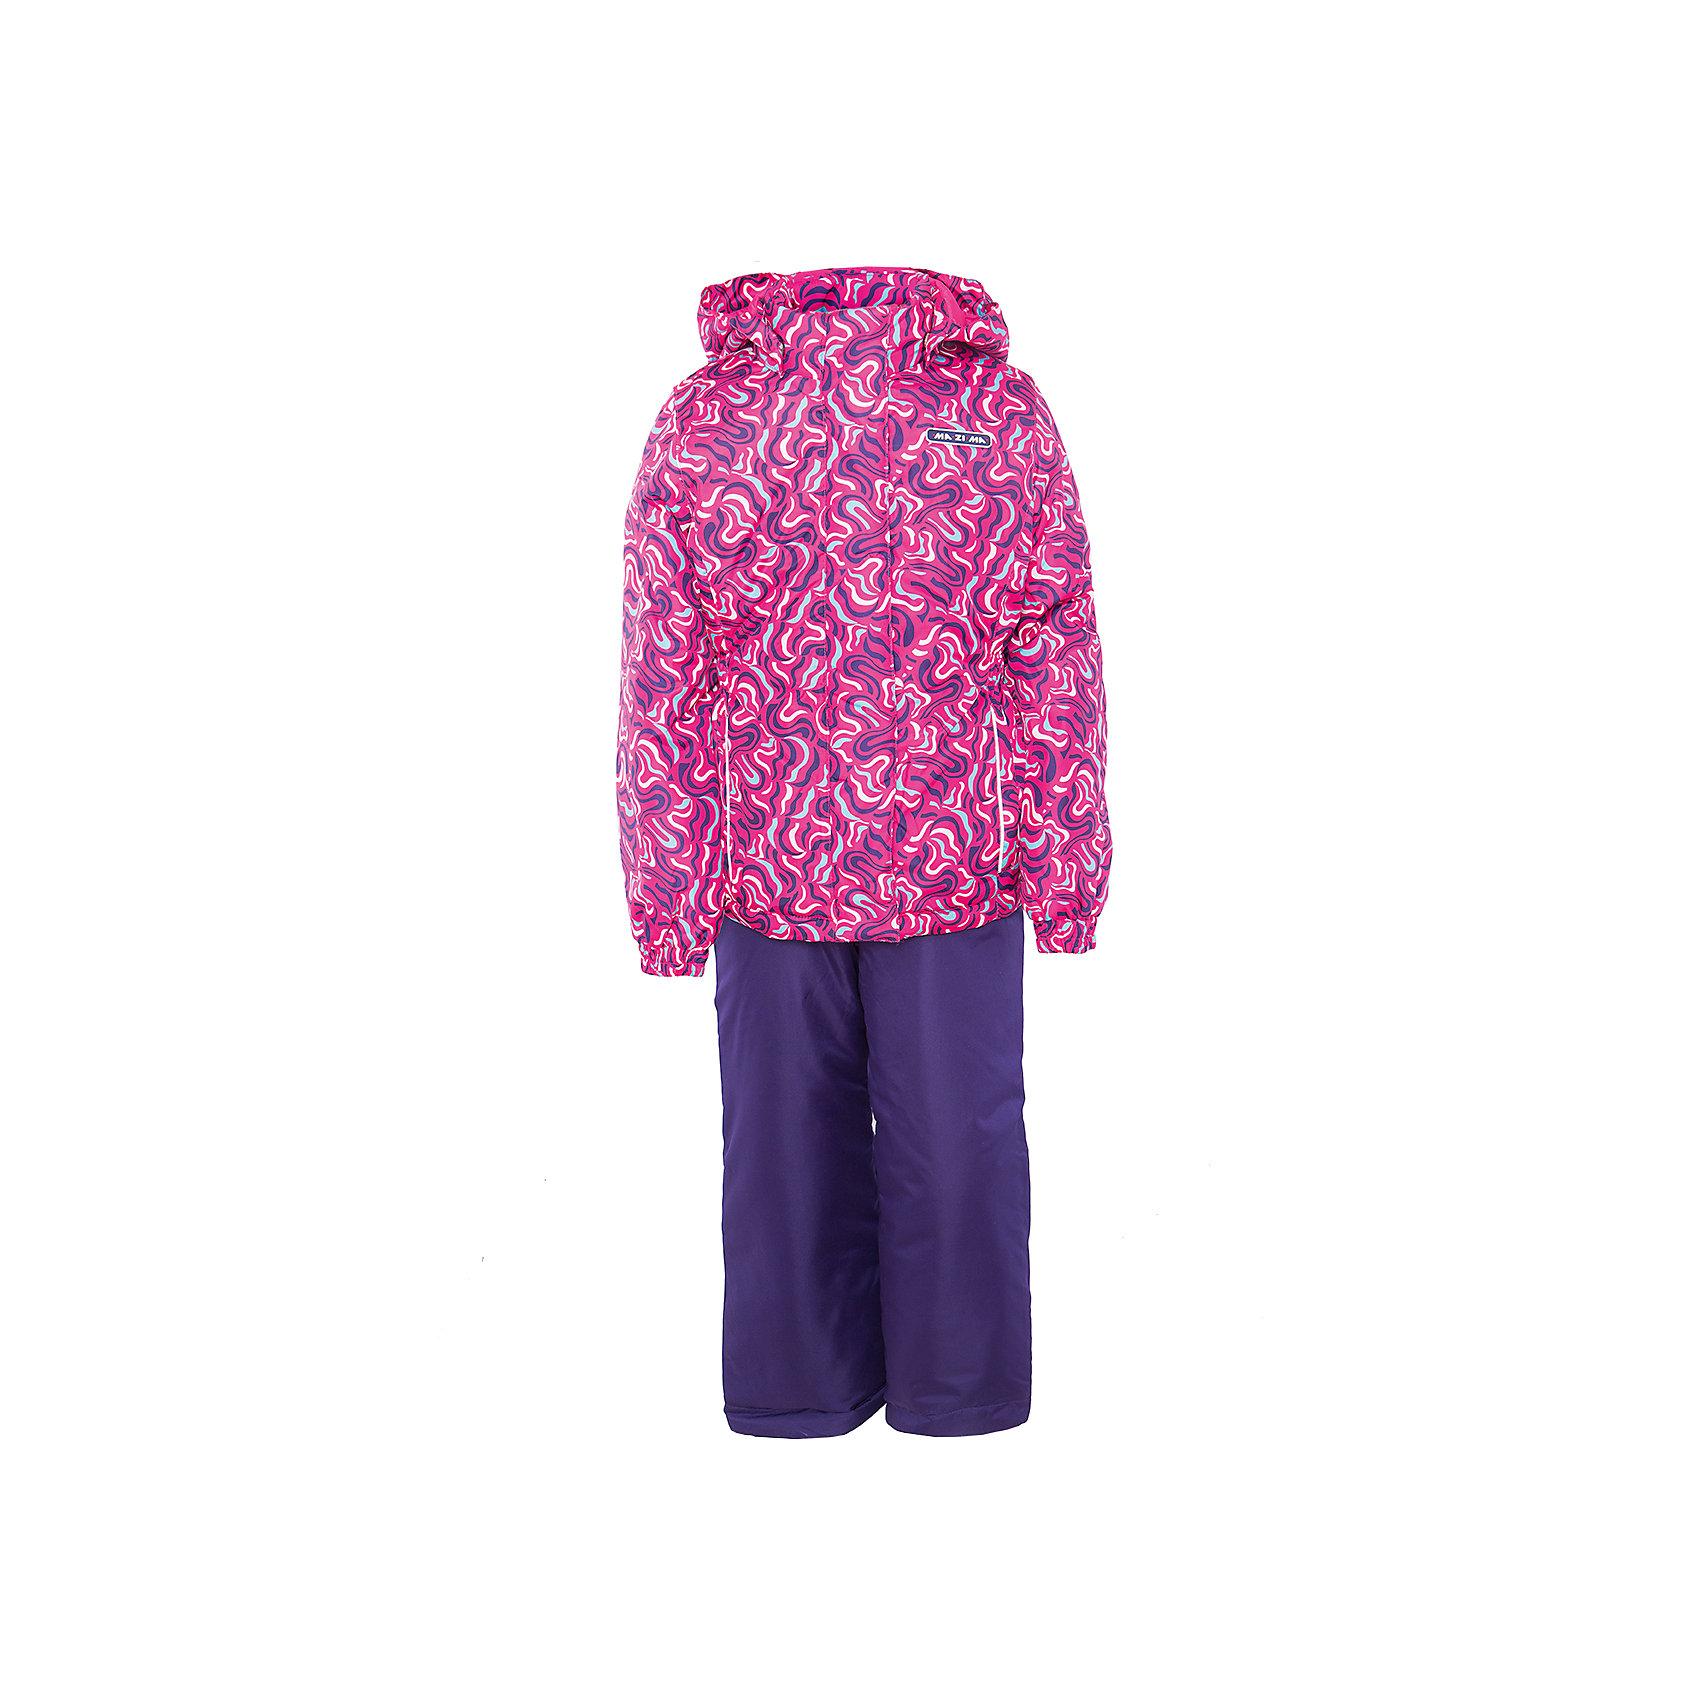 Комплект: куртка и полукомбинезон для девочки Ma-Zi-MaВерхняя одежда<br>Характеристики товара:<br><br>• цвет: розовый/фиолетовый<br>• состав: полиэстер 3000мм/3000г/м2/24h<br>• подкладка: Taffeta <br>• утеплитель - полиэстер (120г/м2)<br>• светоотражающие элементы<br>• температурный режим: от -5°С до +10°С<br>• застежка - молния<br>• капюшон съемный<br>• принт<br>• ветронепроницаемый, водо- и грязеотталкивающий и дышащий материал<br>• эластичные манжеты<br>• регулируемые подтяжки<br>• комфортная посадка<br>• страна бренда: Российская Федерация<br><br>Демисезонный комплект из куртки и брюк - универсальный вариант и для прохладной осени, и для первых заморозков. Эта модель - модная и удобная одновременно! Куртка отличается стильным ярким дизайном. Комплект хорошо сидит по фигуре, отлично сочетается с различной обувью. Вещь была разработана специально для детей.<br><br>Одежда от российского бренда Ma-Zi-Ma создается при участии канадских специалистов. Она уже завоевала популярностью у многих детей и их родителей. Вещи, выпускаемые компанией, качественные, продуманные и очень удобные. Для производства коллекций используются только безопасные для детей материалы.<br><br>Комплект: куртка и полукомбинезон для девочки от бренда Ma-Zi-Ma можно купить в нашем интернет-магазине.<br><br>Ширина мм: 356<br>Глубина мм: 10<br>Высота мм: 245<br>Вес г: 519<br>Цвет: розовый<br>Возраст от месяцев: 96<br>Возраст до месяцев: 108<br>Пол: Женский<br>Возраст: Детский<br>Размер: 134,140,146,152,92,98,104,110,116,122,128<br>SKU: 5383951